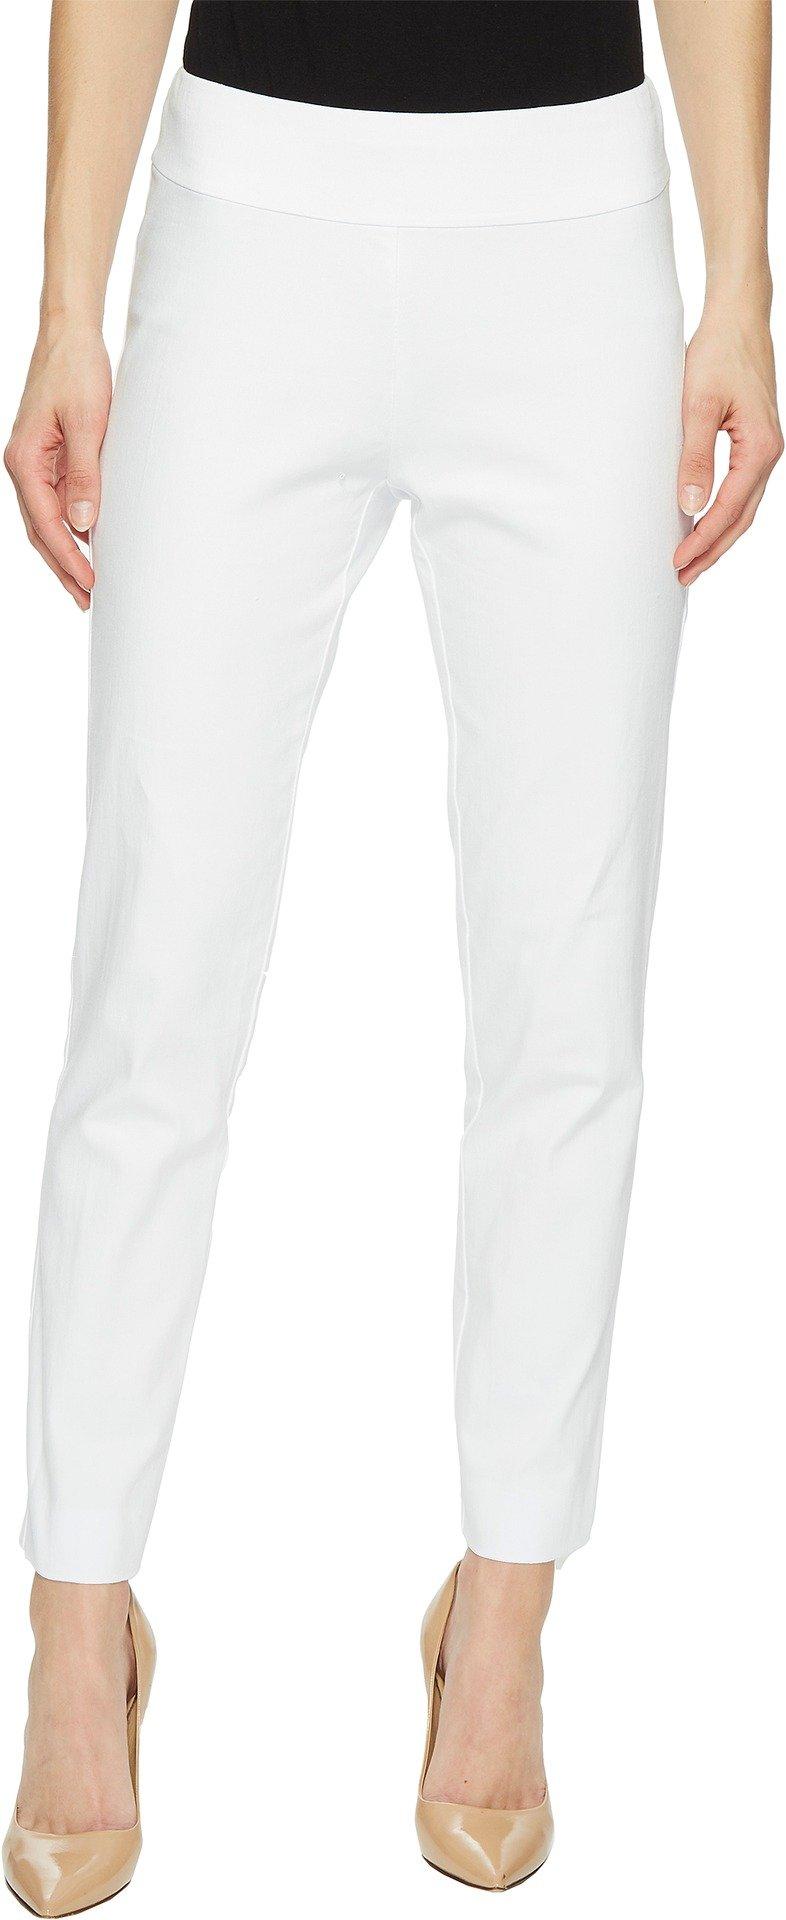 Krazy Larry Women's Pull-On Denim Ankle Pants White 14 28